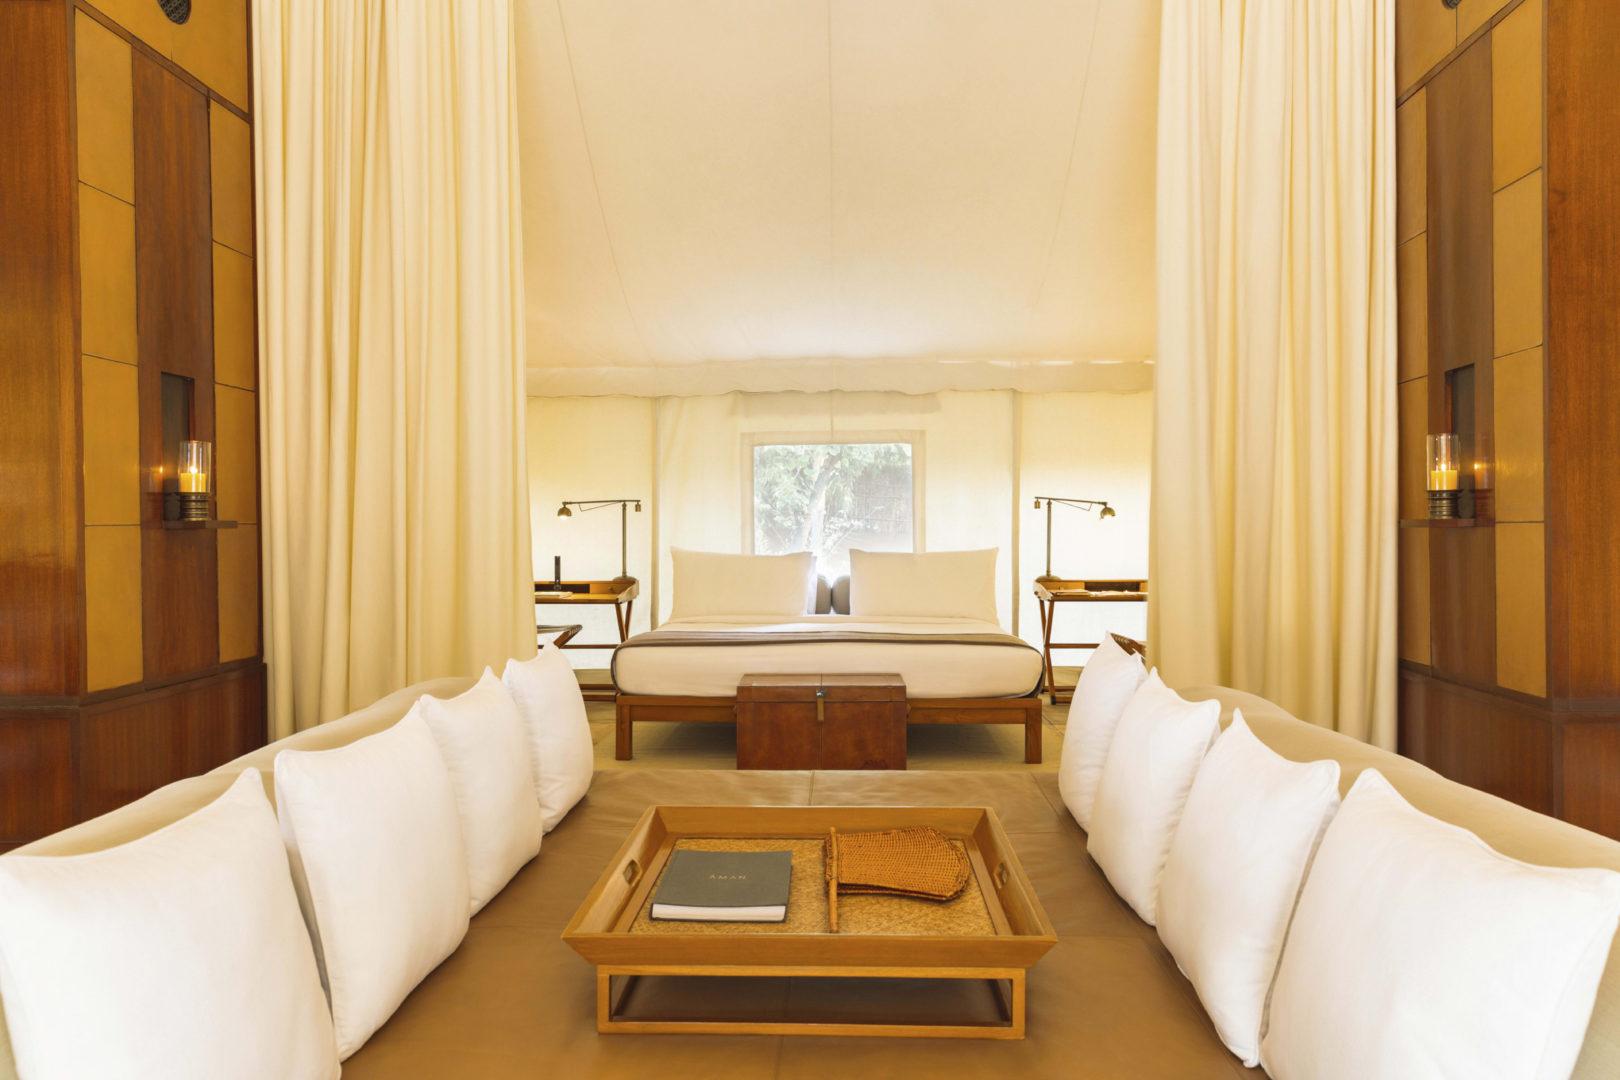 aman-i-khas_india_-_tent_interiors_high_res_23799